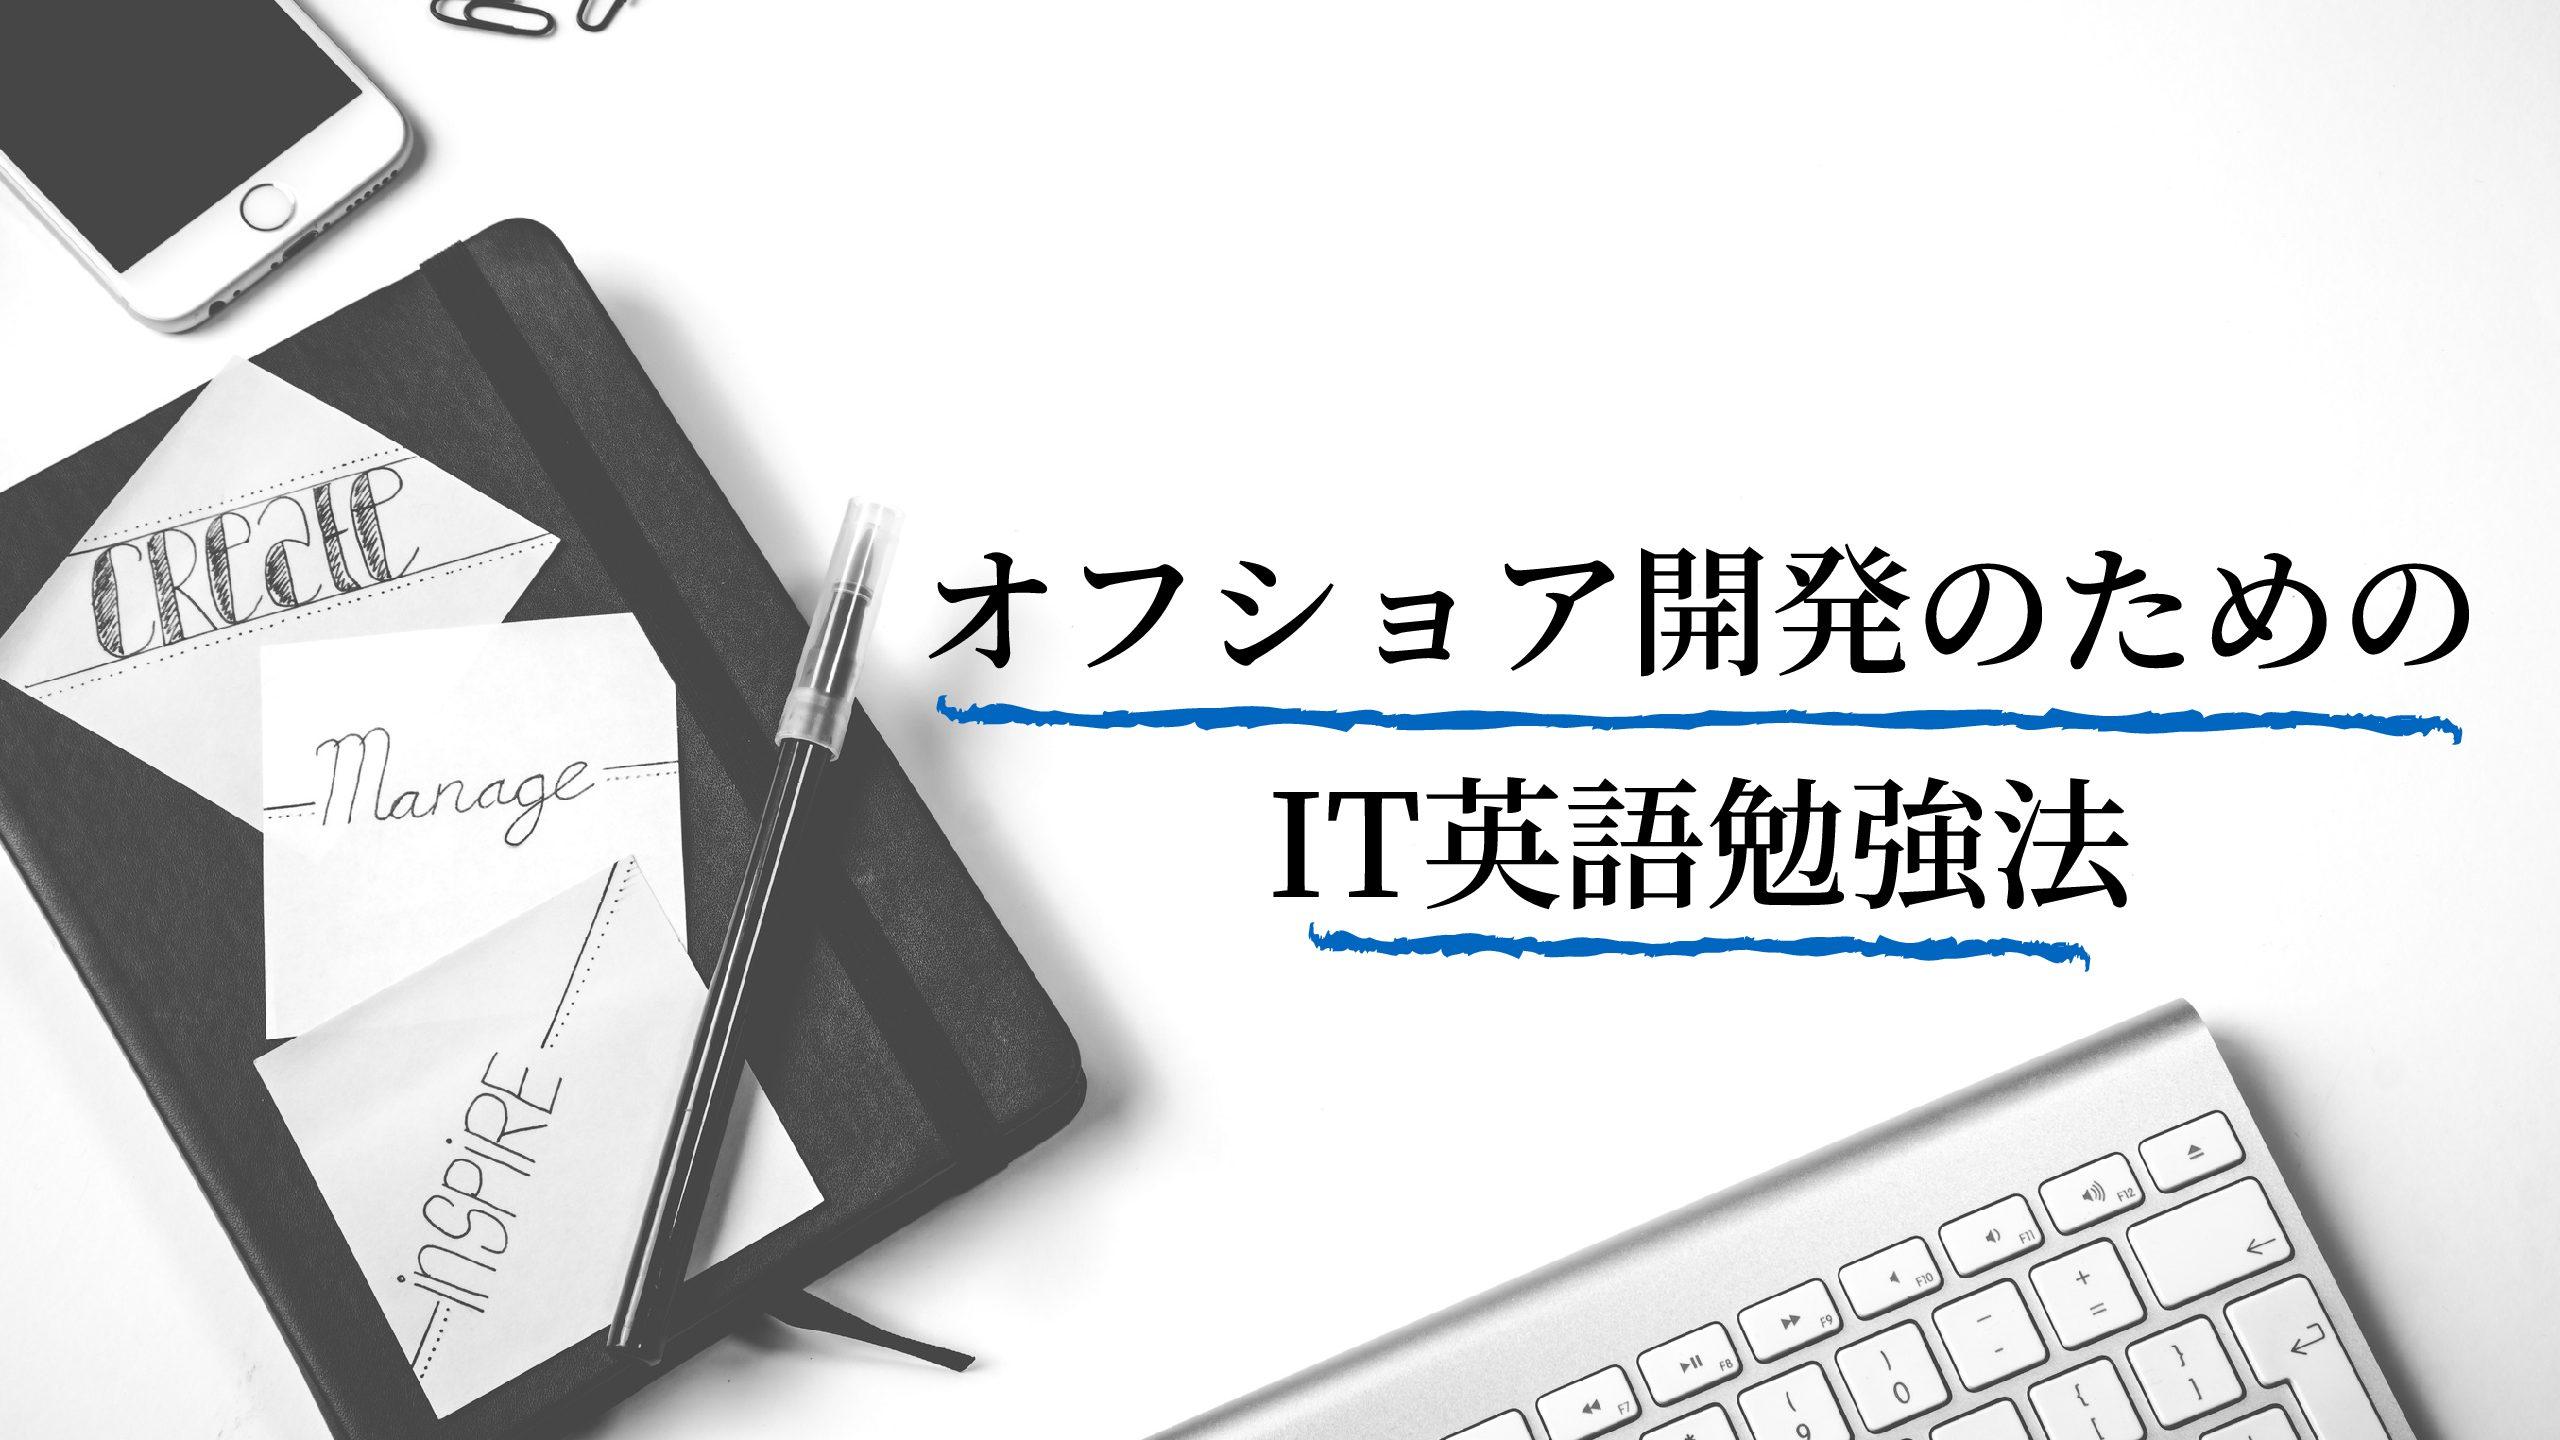 【IT英語勉強法】たった5つ!オフショア開発で頻発する英熟語を紹介